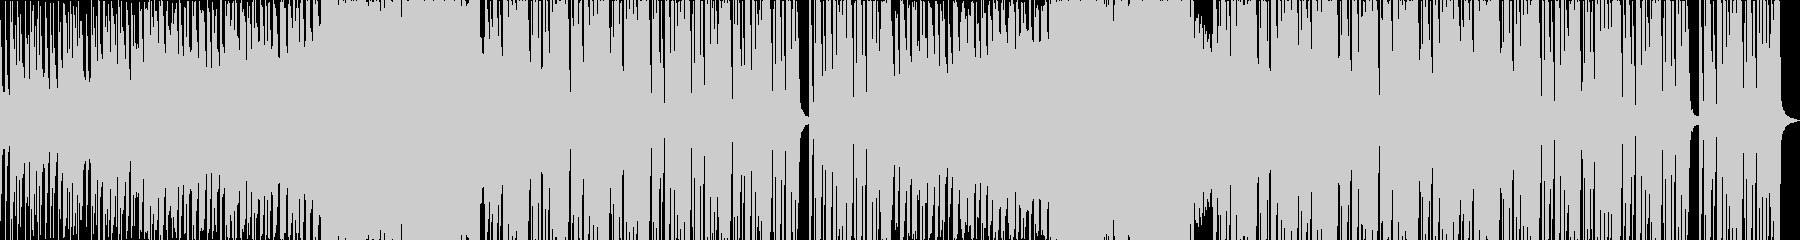 クールなHIPHOP、TRAPトラックの未再生の波形